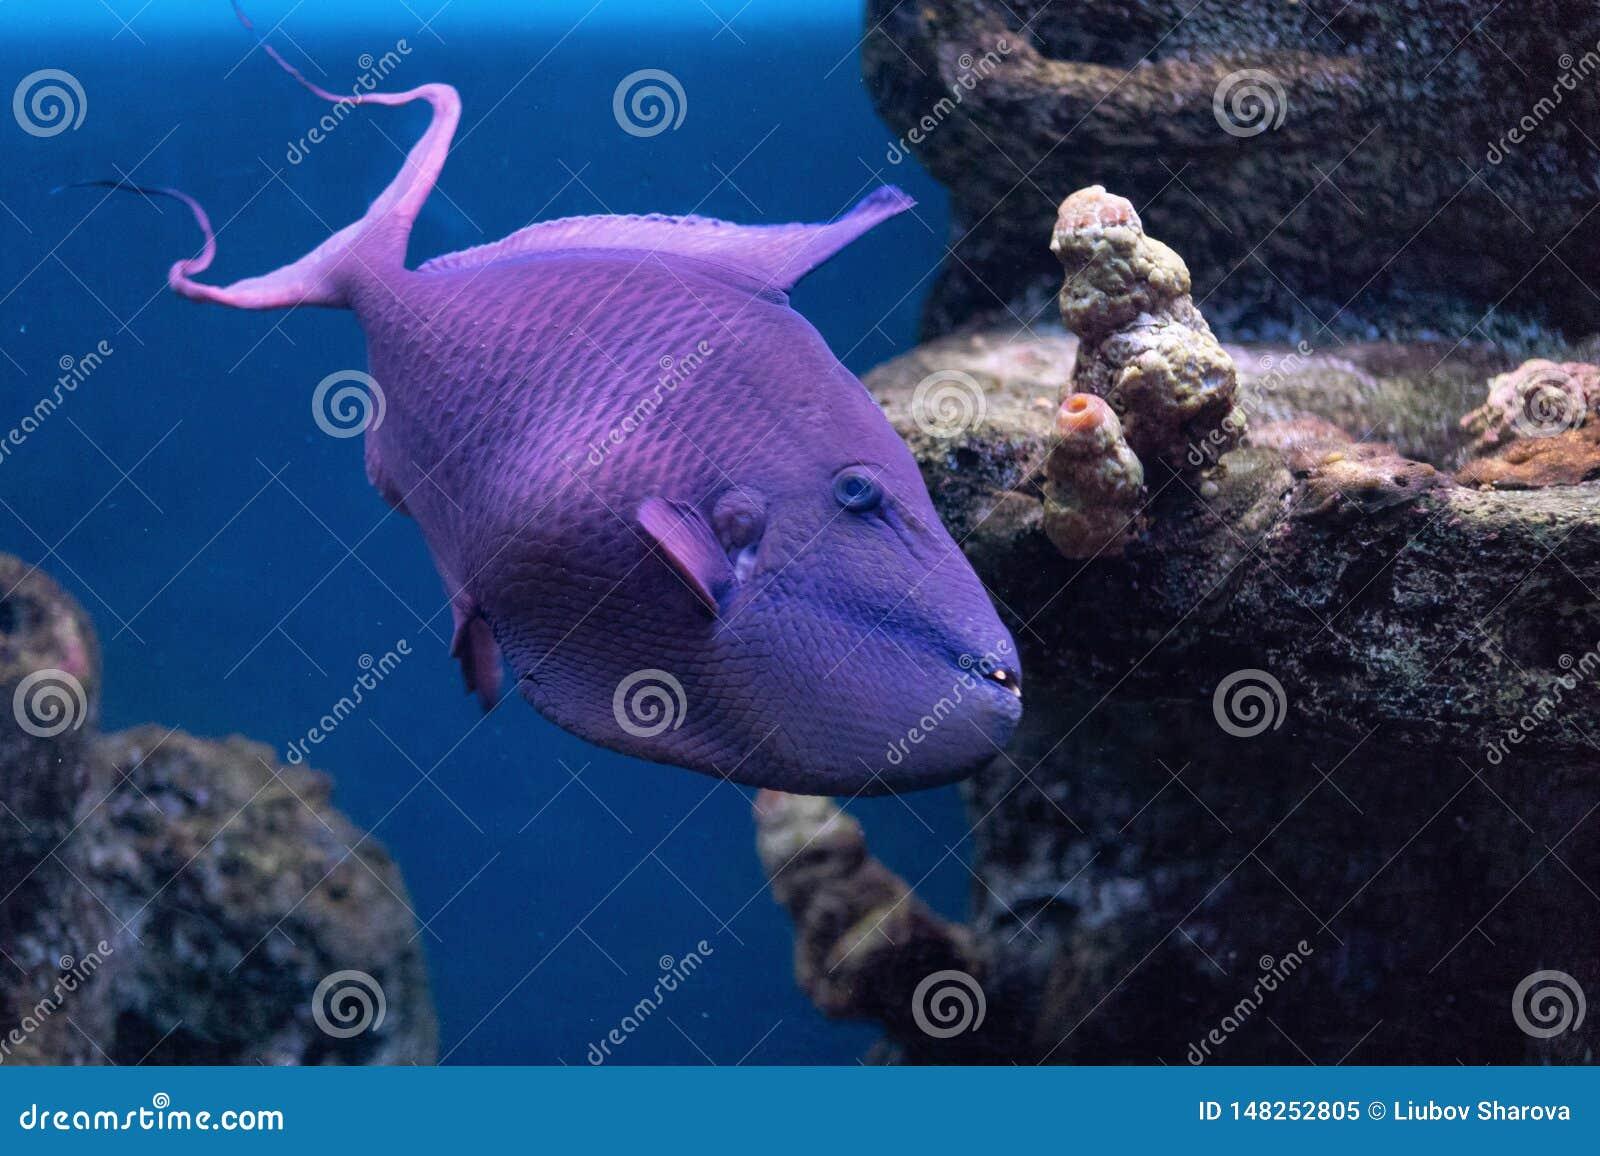 引金鱼Krasnopolye或女王/王后黑色触发器,与强的牙raskrytaya的红被刻凹痕的红色犬齿触发器异乎寻常的英俊的鱼